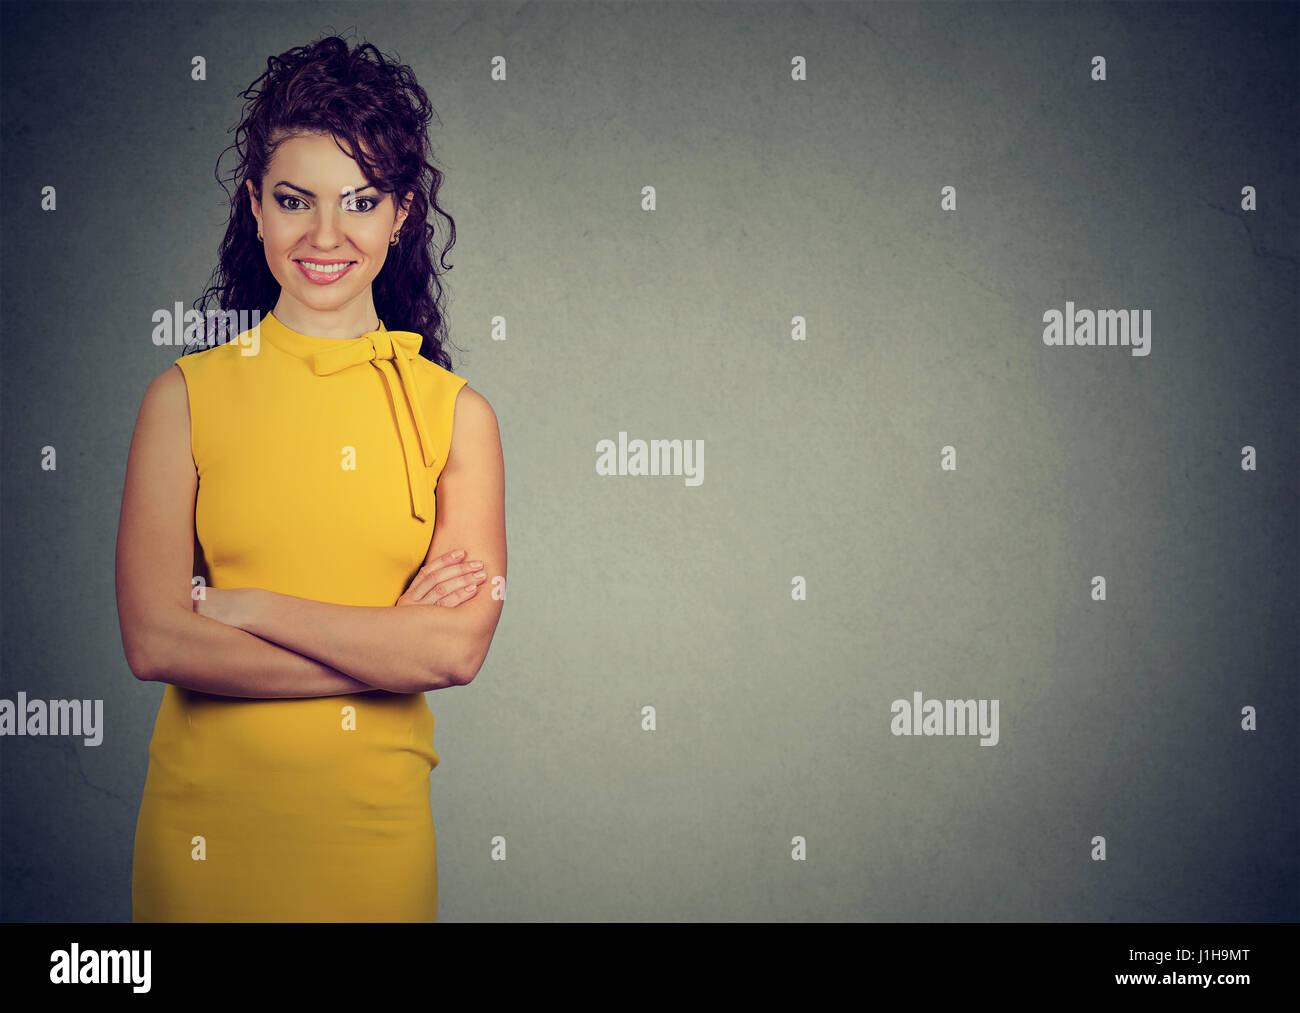 eb5d33681978 Hostess Latin Stock Photos   Hostess Latin Stock Images - Alamy